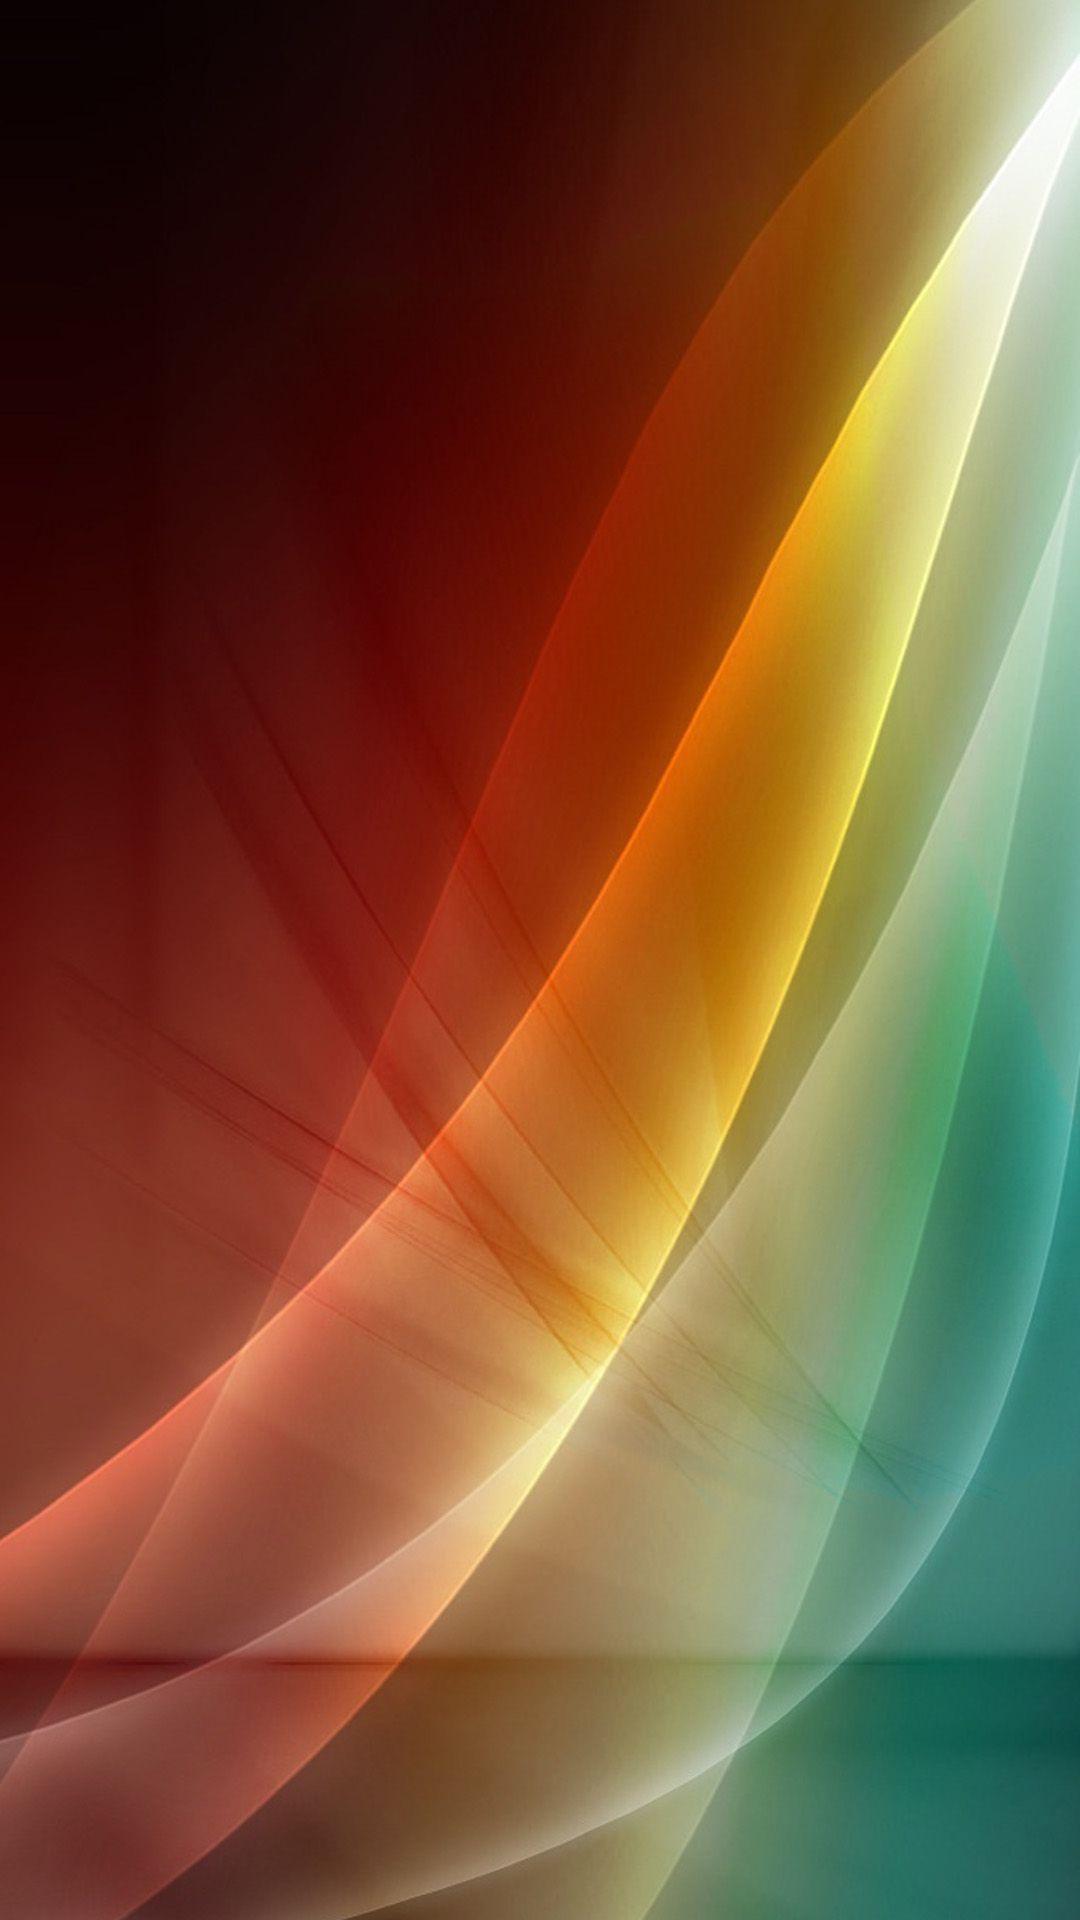 虹色abstract 色 壁紙 アップルの壁紙 虹色